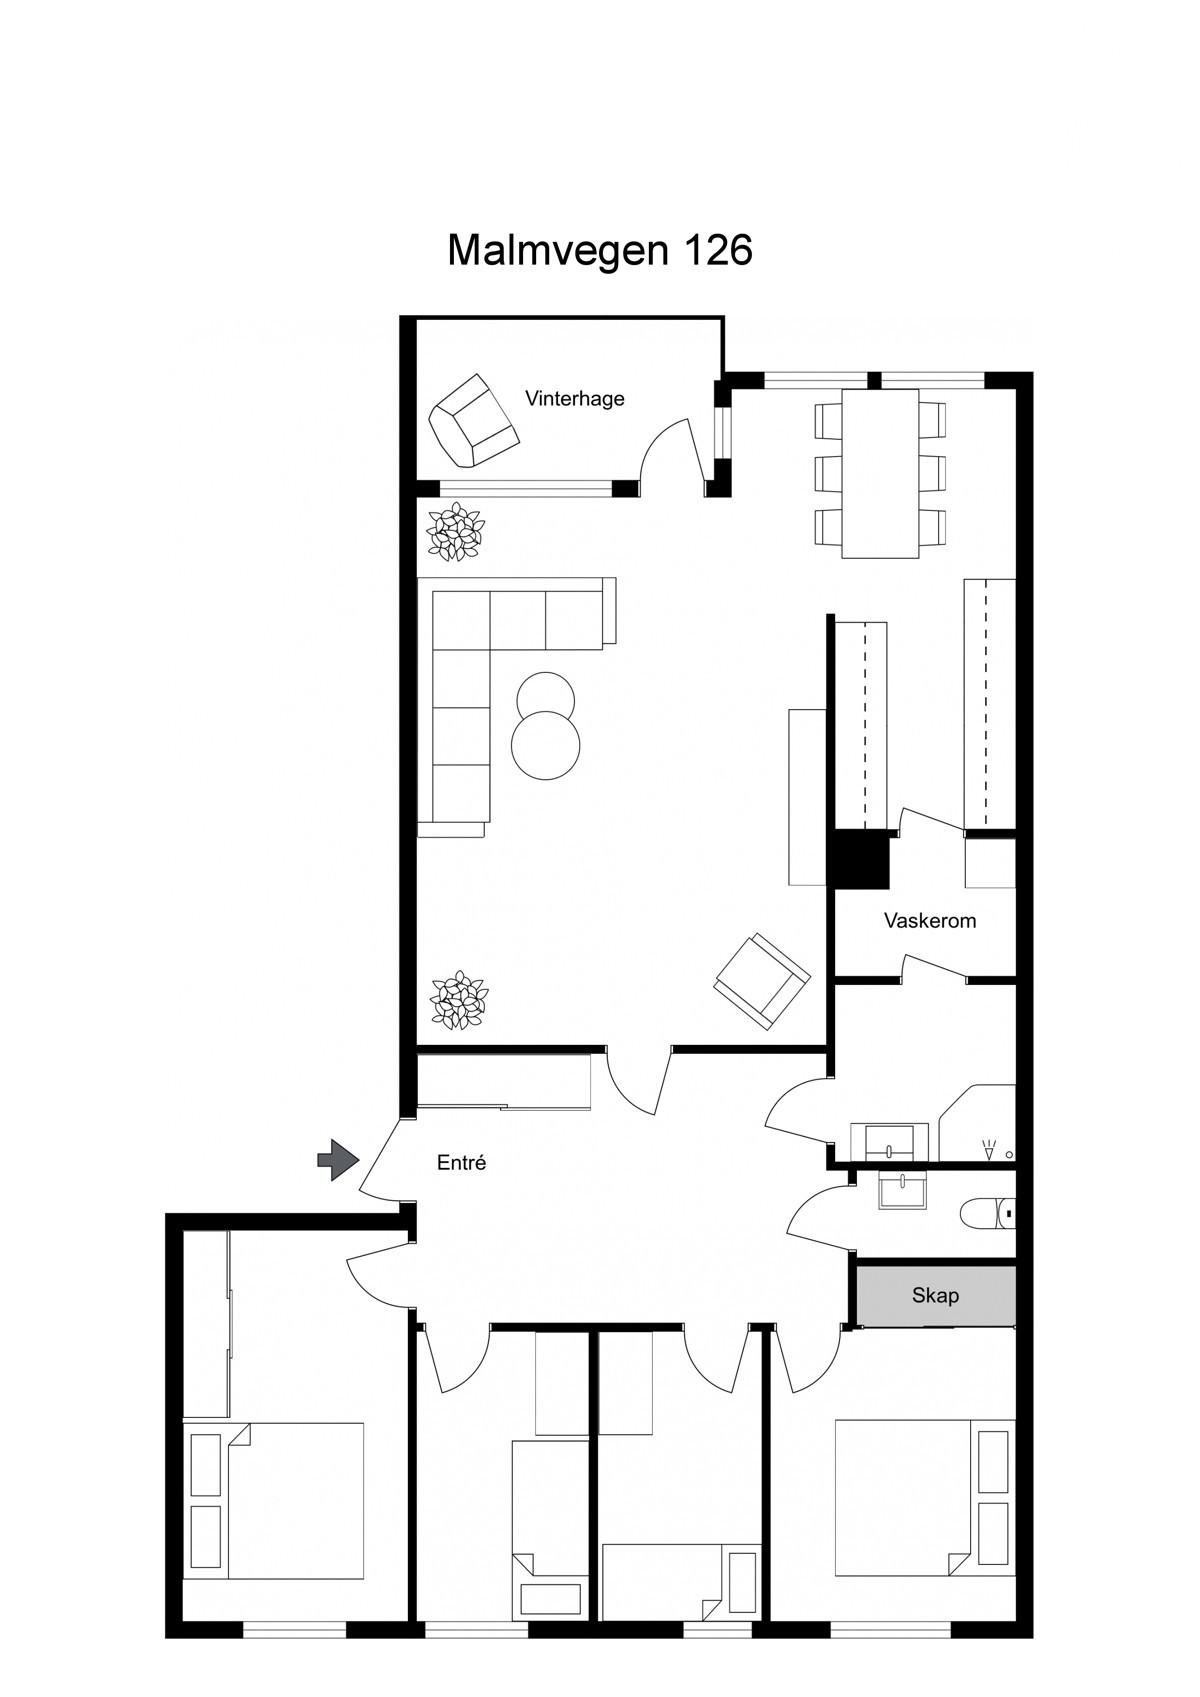 Malmvegen 126 - Planskisse (1 of 1)